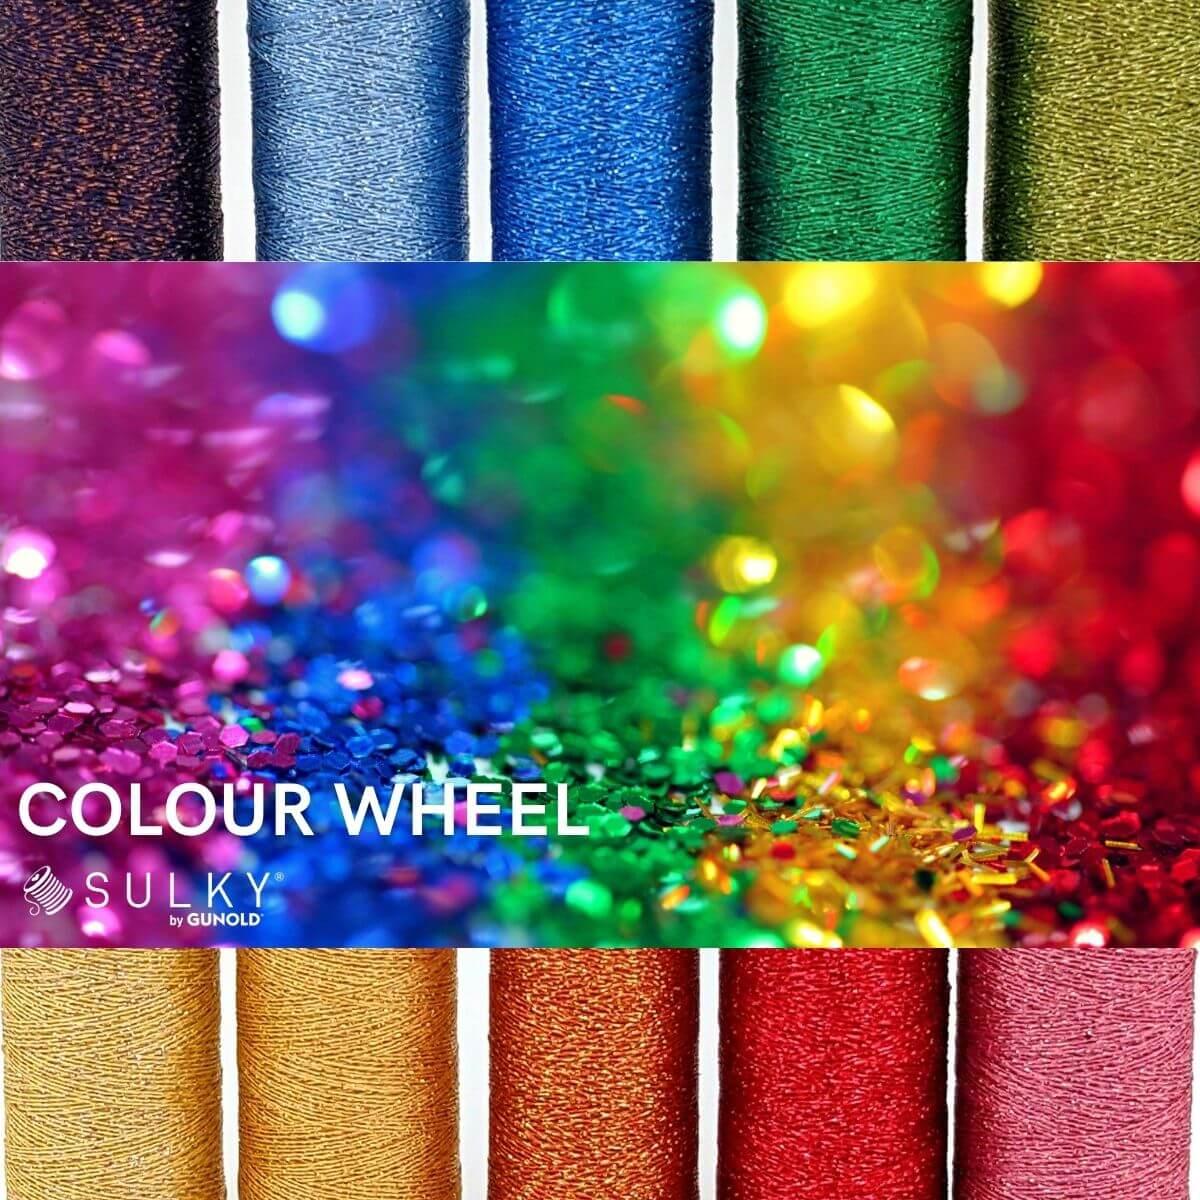 SULKY POLY SPARKLE 30 - Colour Wheel (10 x 265m Snap Spulen)